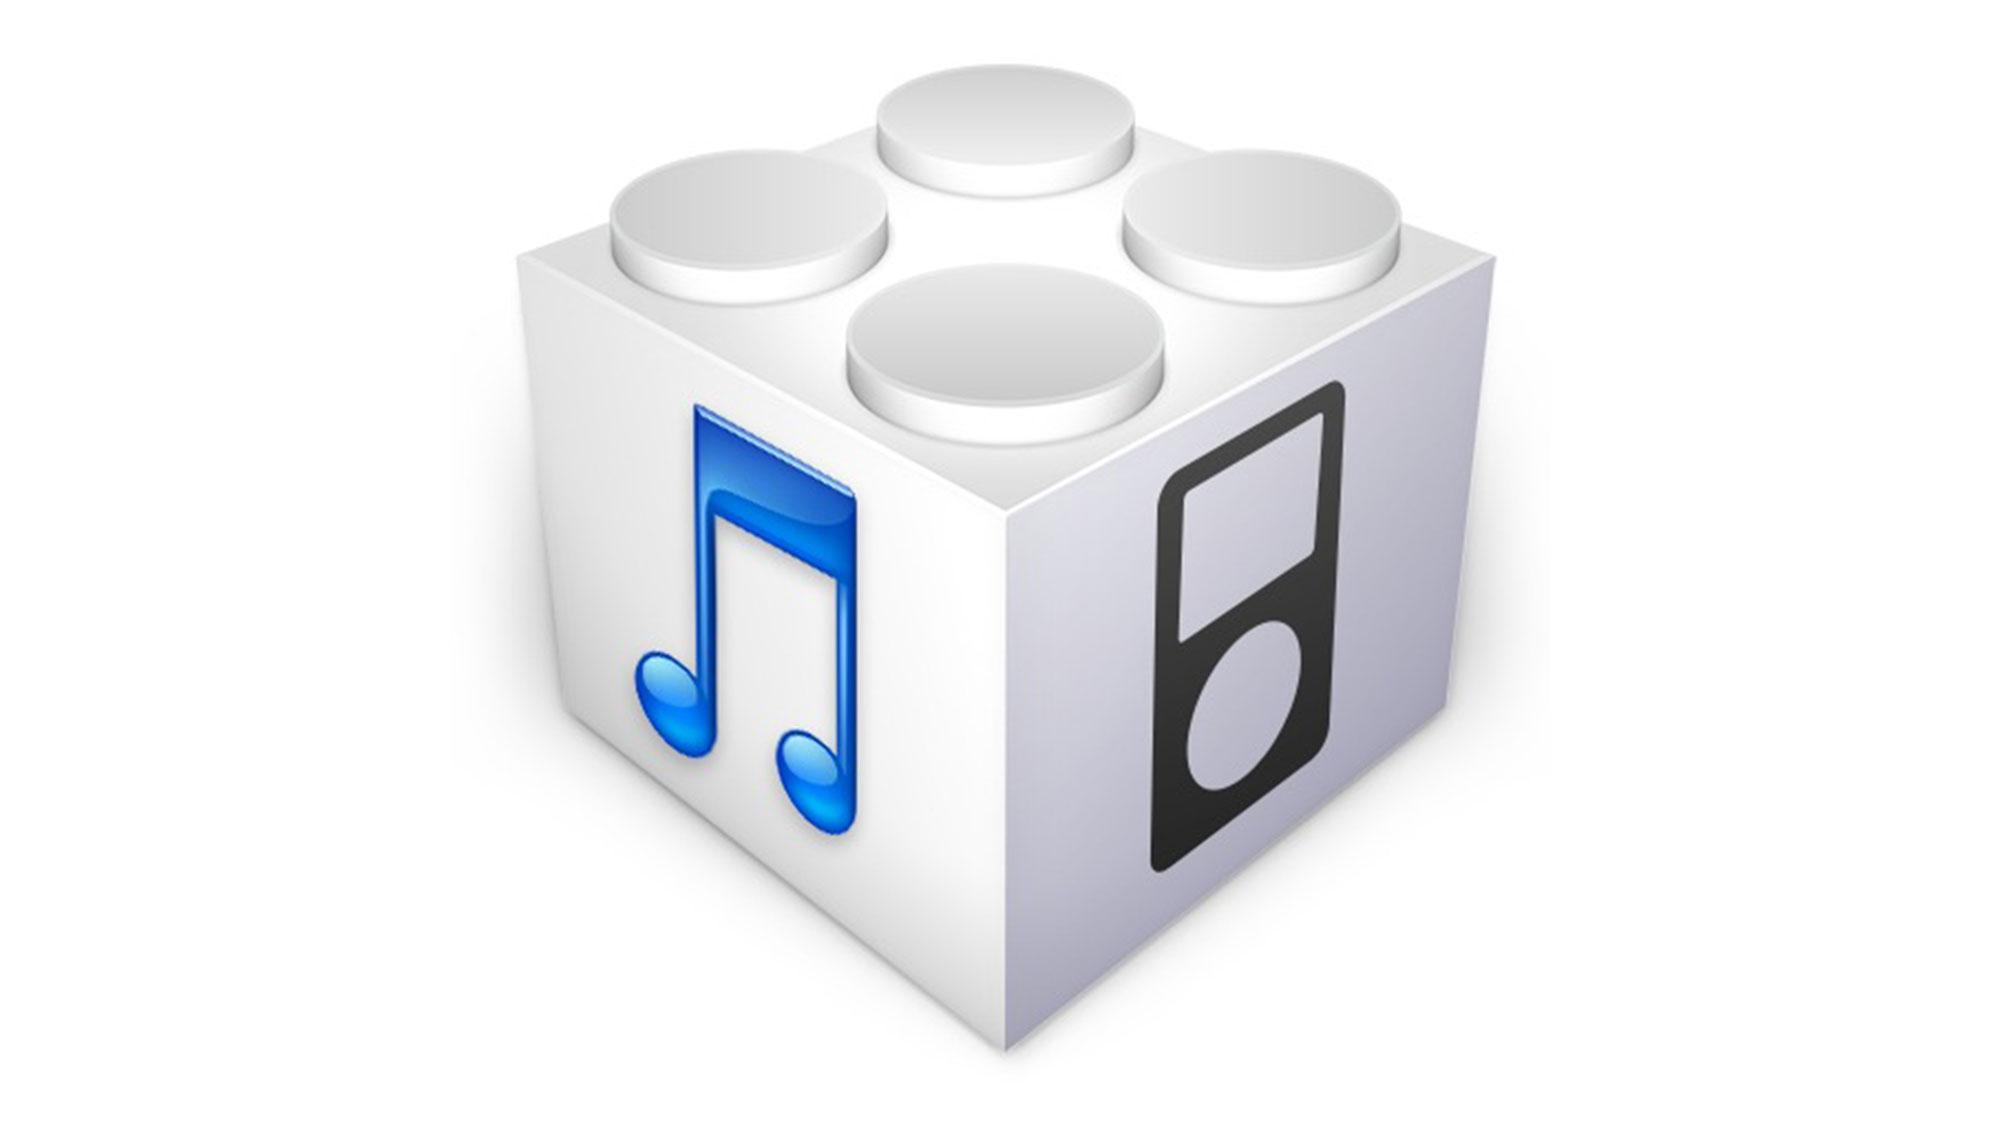 苹果已关闭 iOS 12.2 系统验证通道